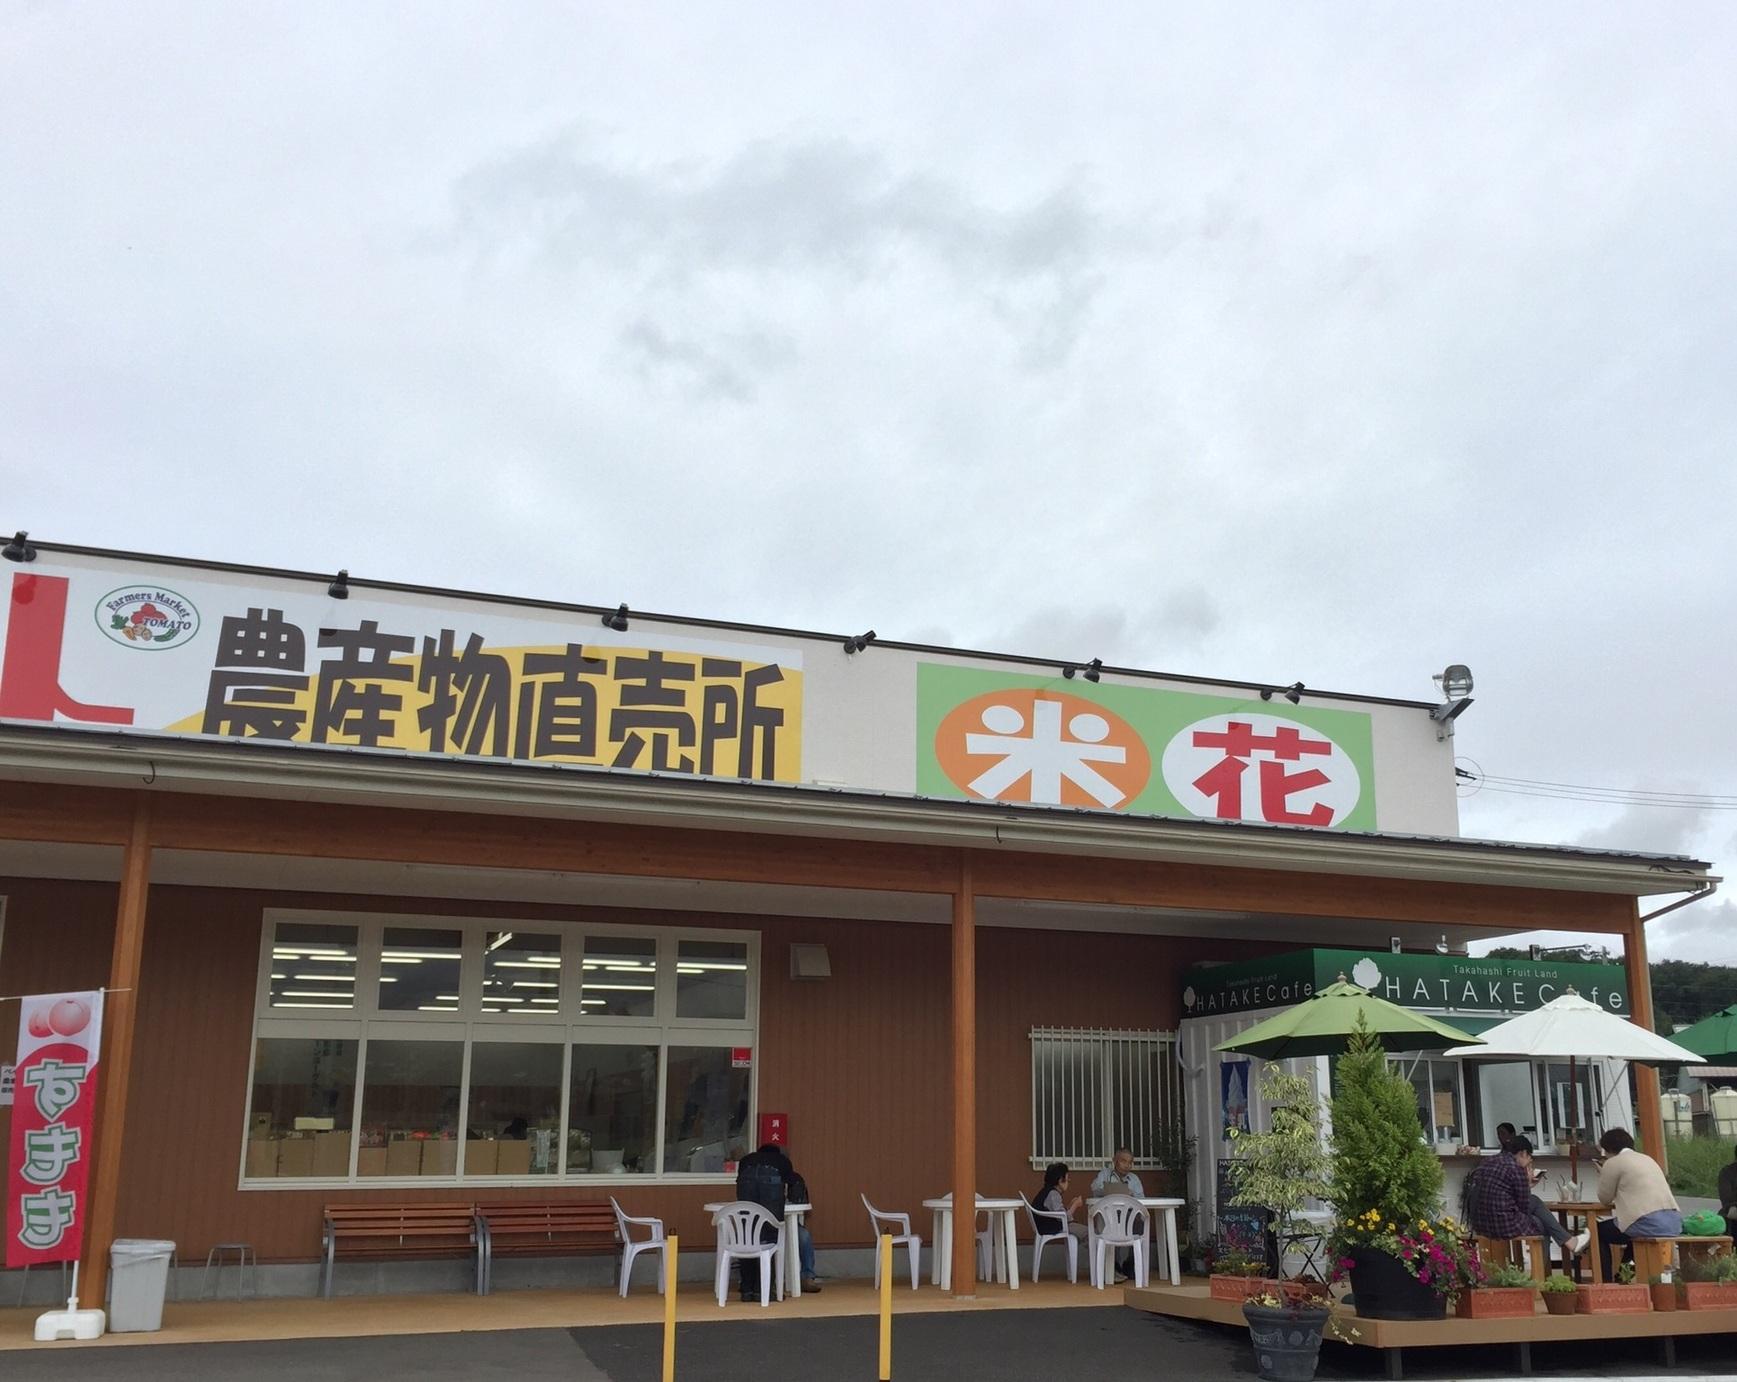 ハタケカフェ トマト上山店